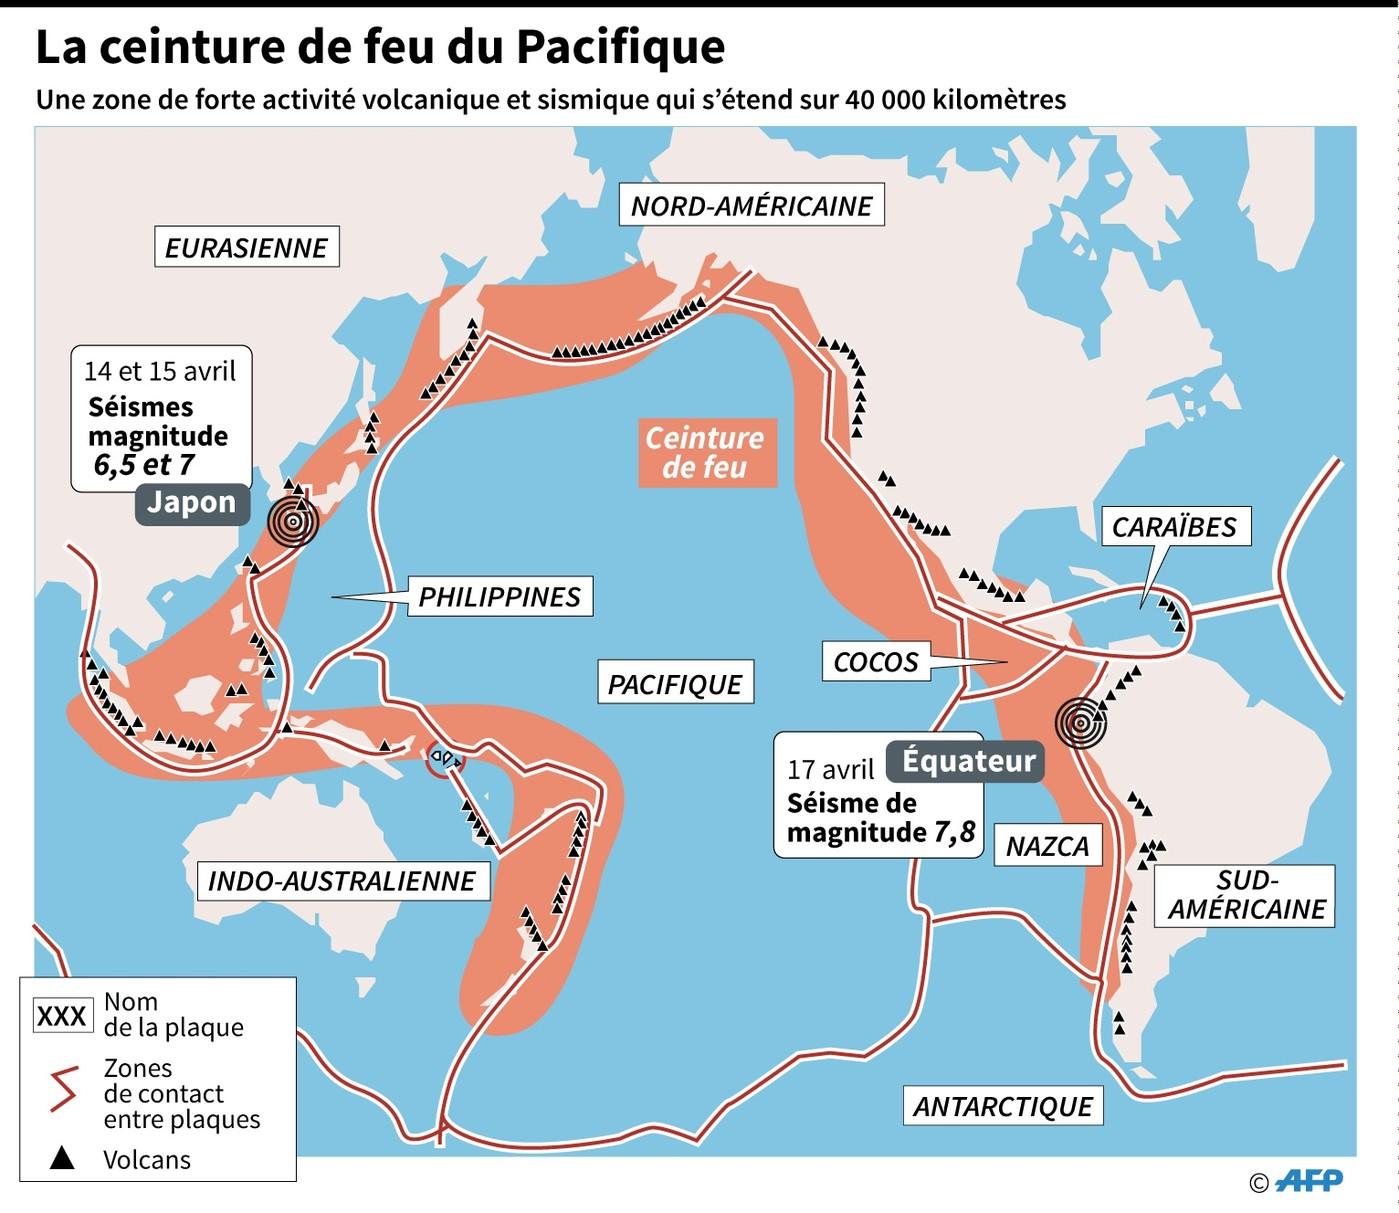 Carte Australie Et Iles Fidji.Les Iles Fidji Secouees Par Un Seisme De Magnitude 6 9 Toute L